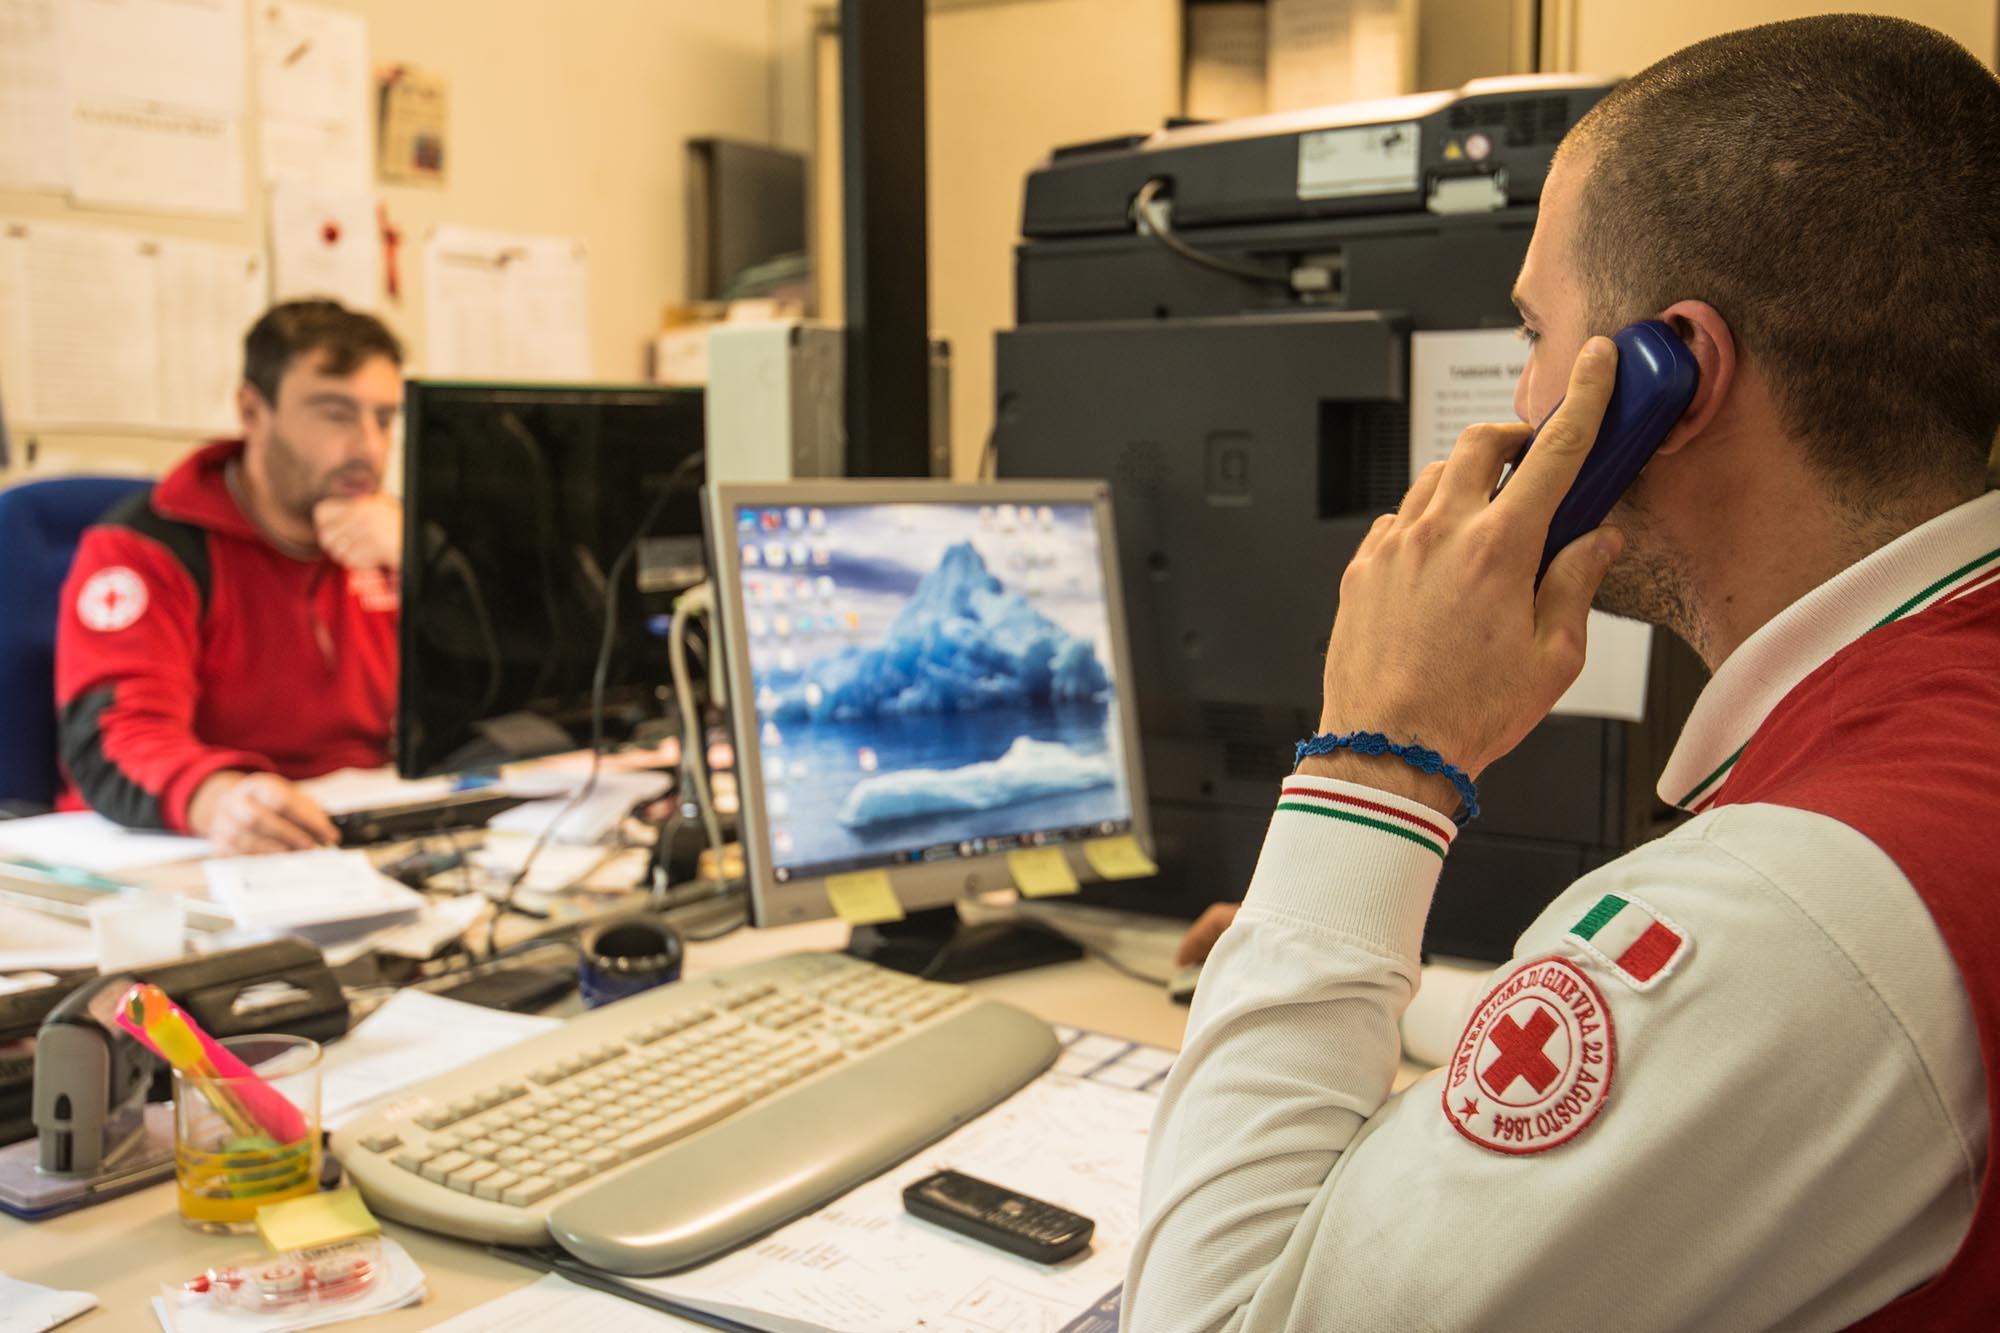 0044 croce rossa e protezione civile livorno 4 - Croce rossa e Protezione civile Livorno